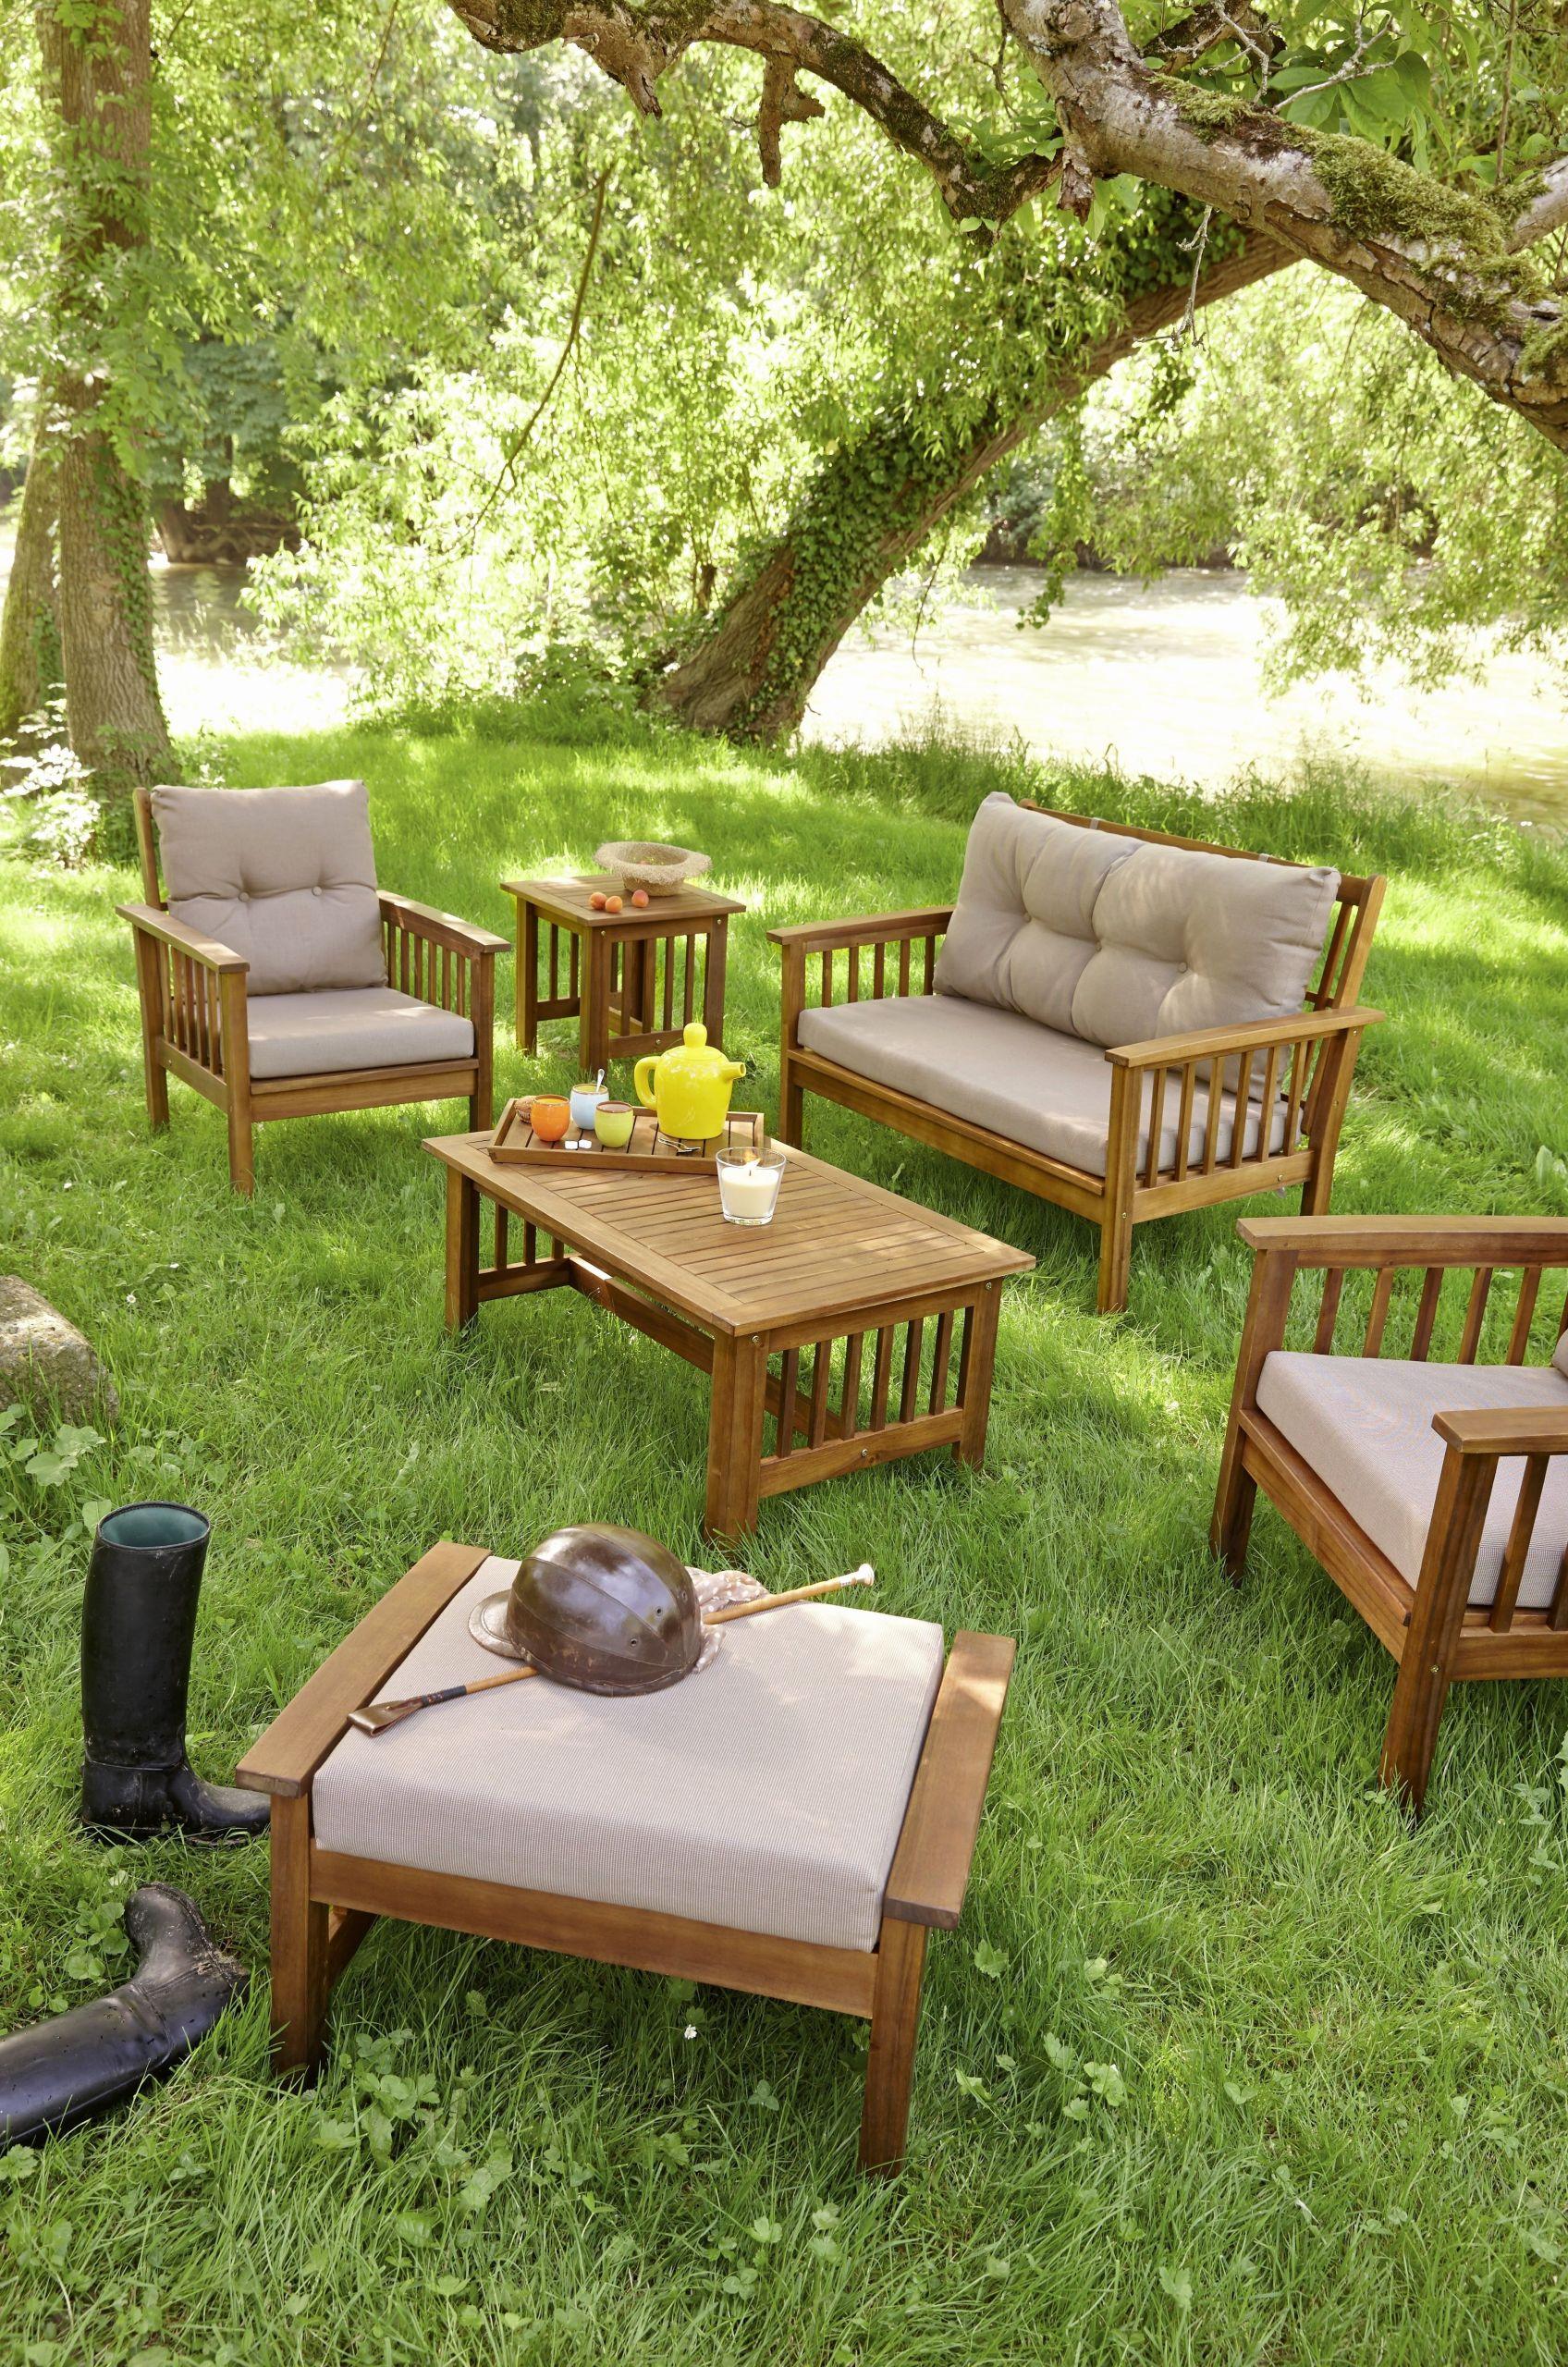 Fabrication Banc En Bois 21 charmant table banc bois exterieur   salon jardin